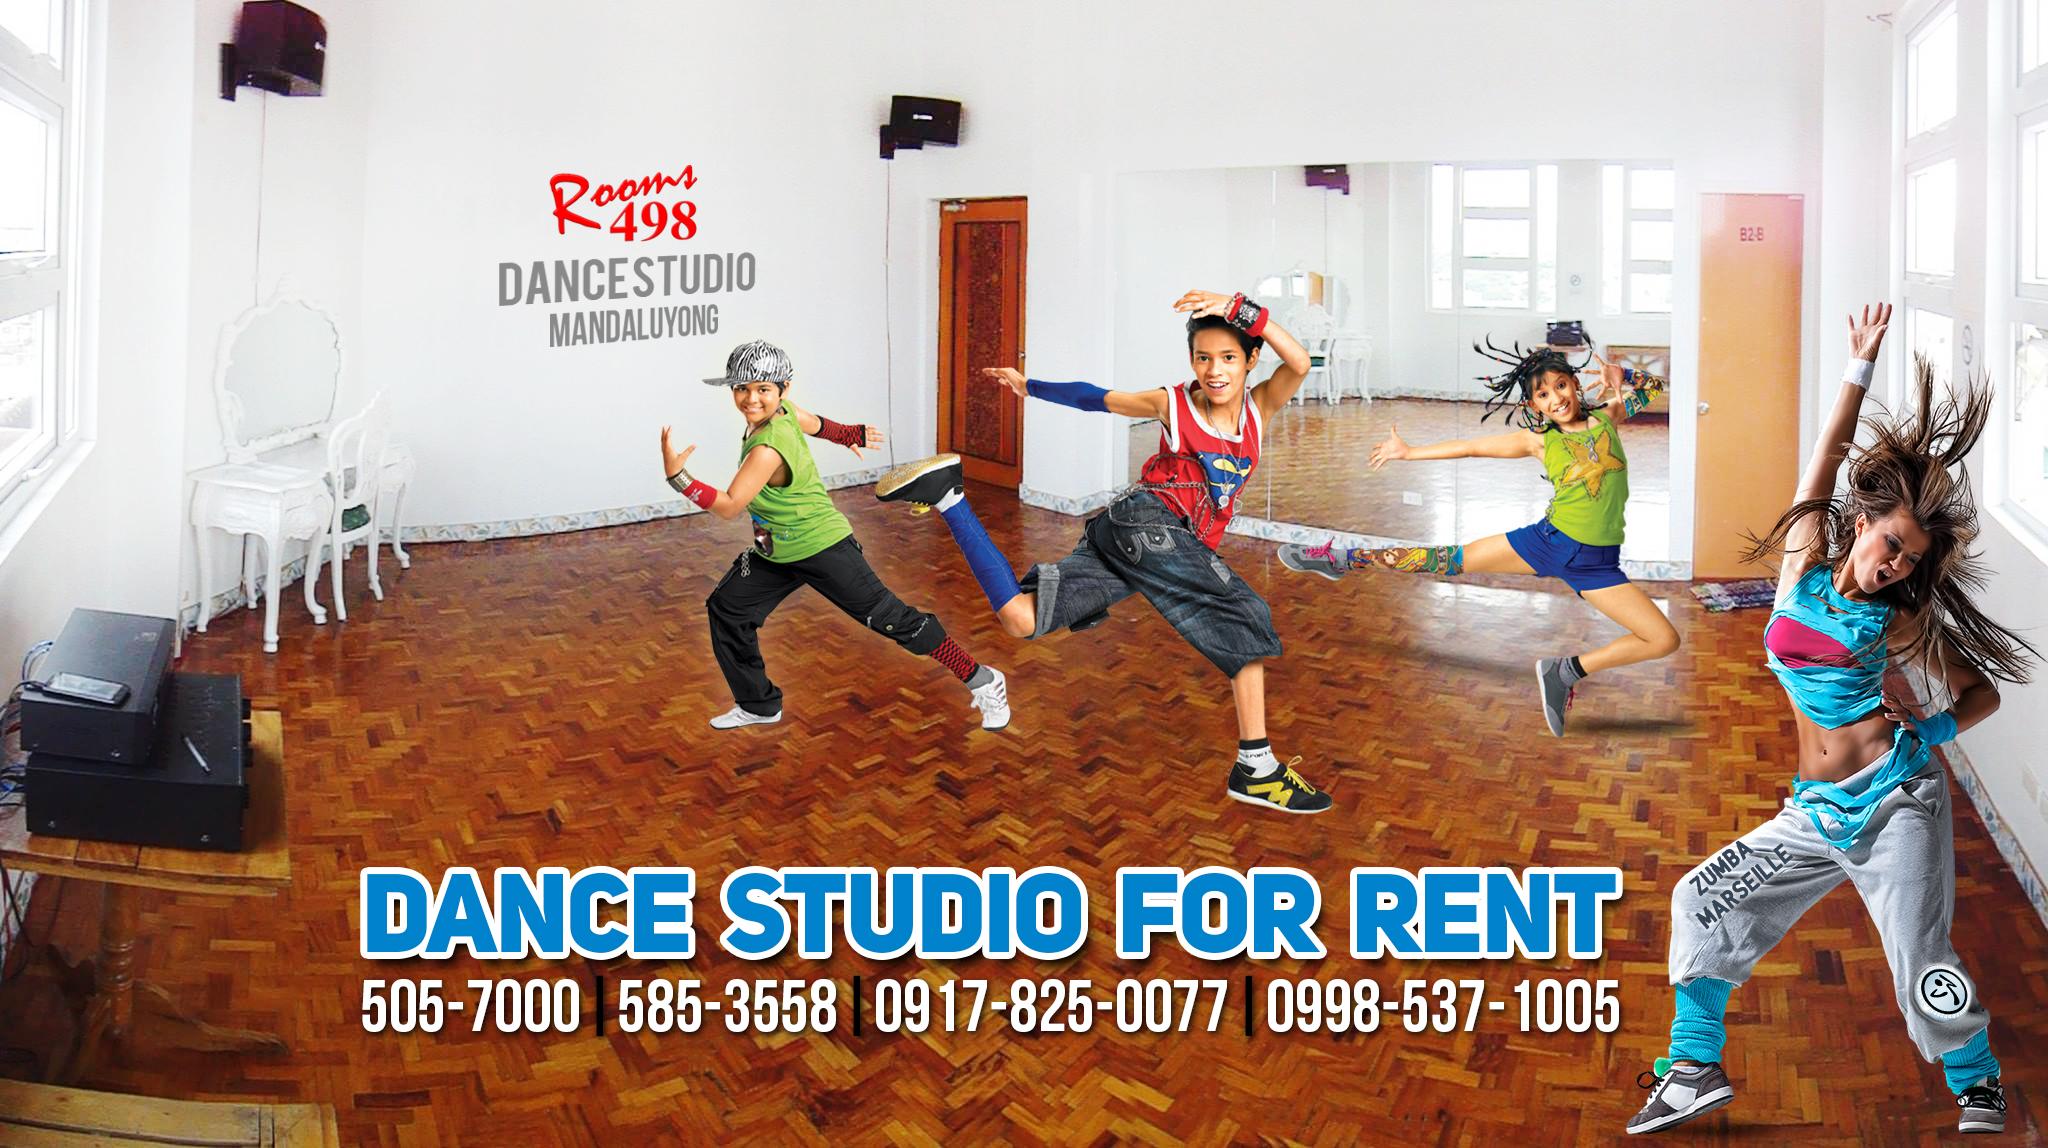 rooms498 dance studio for rent rooms498.com